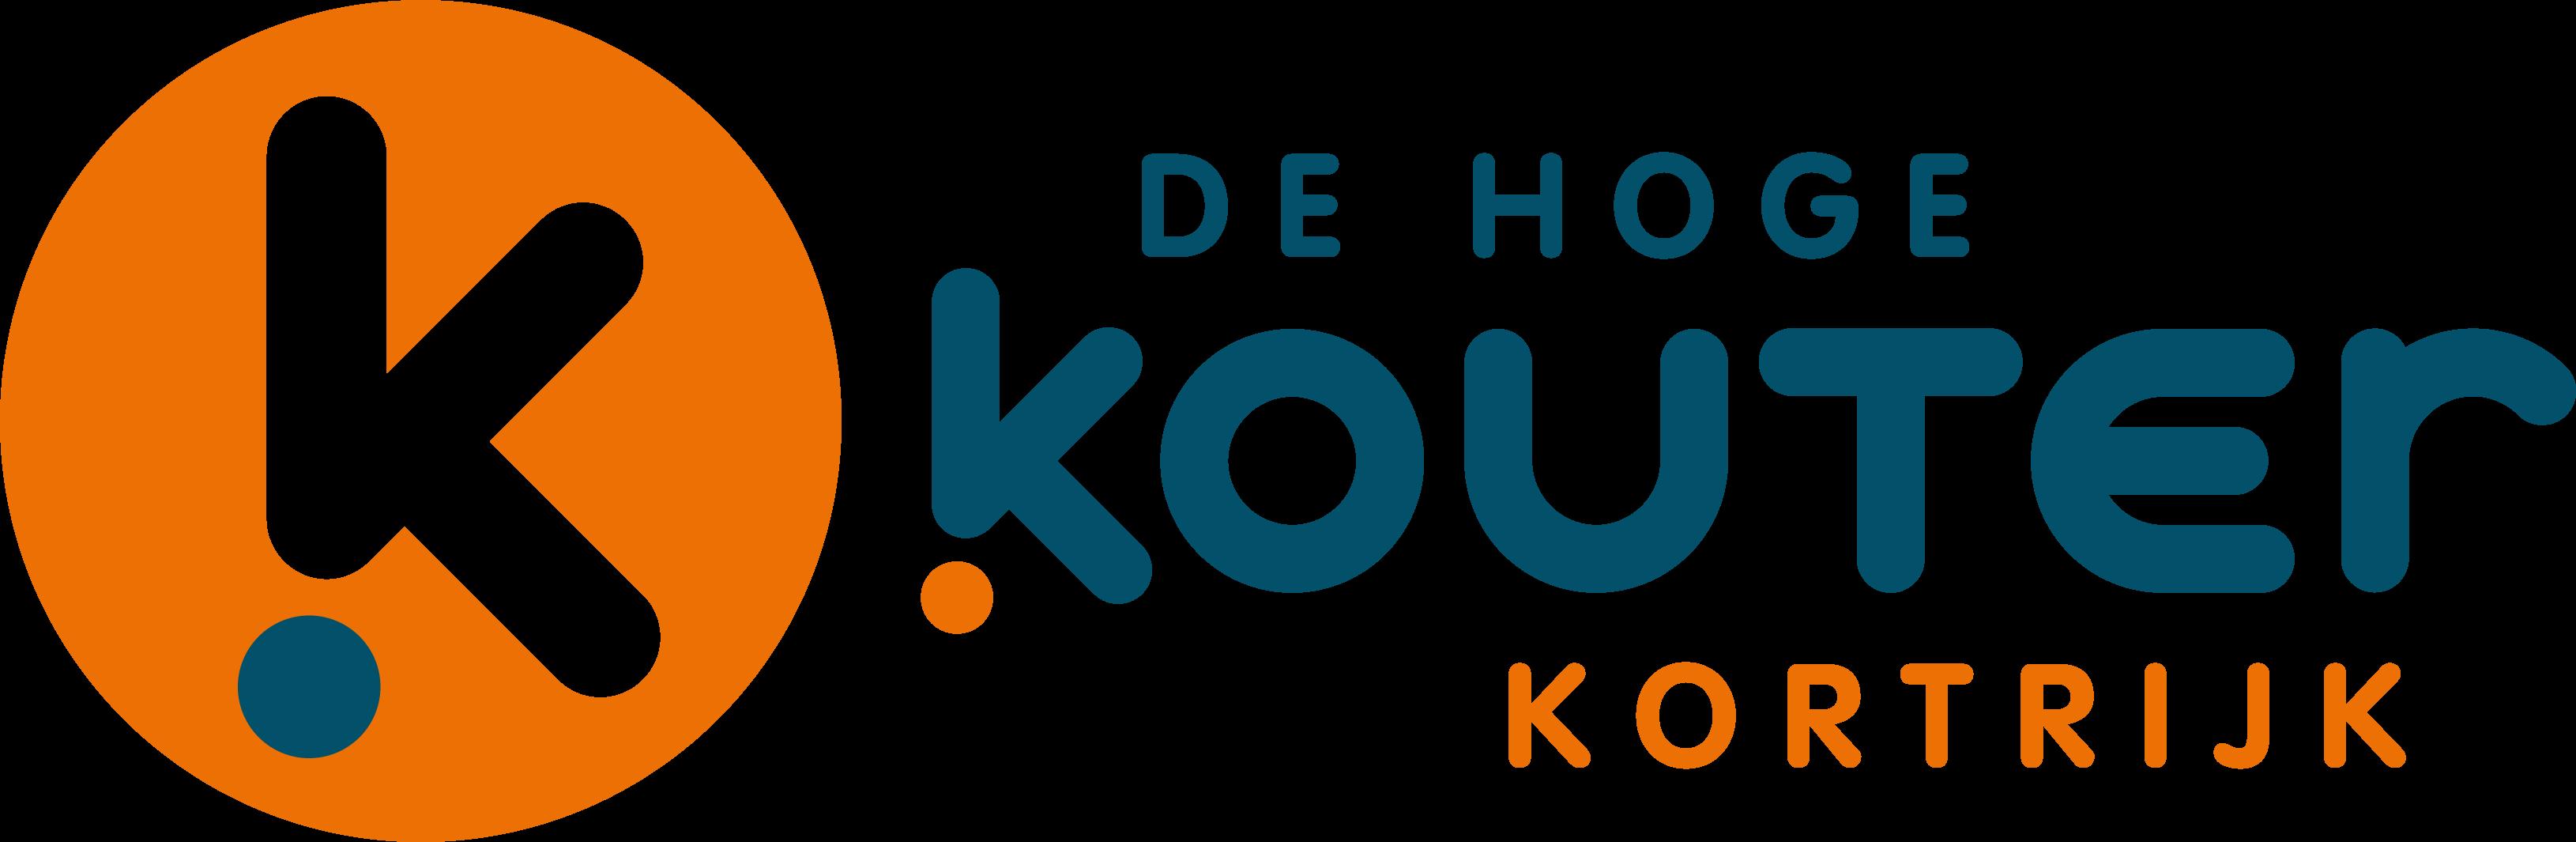 Logo BuSO De Hoge Kouter Kortrijk